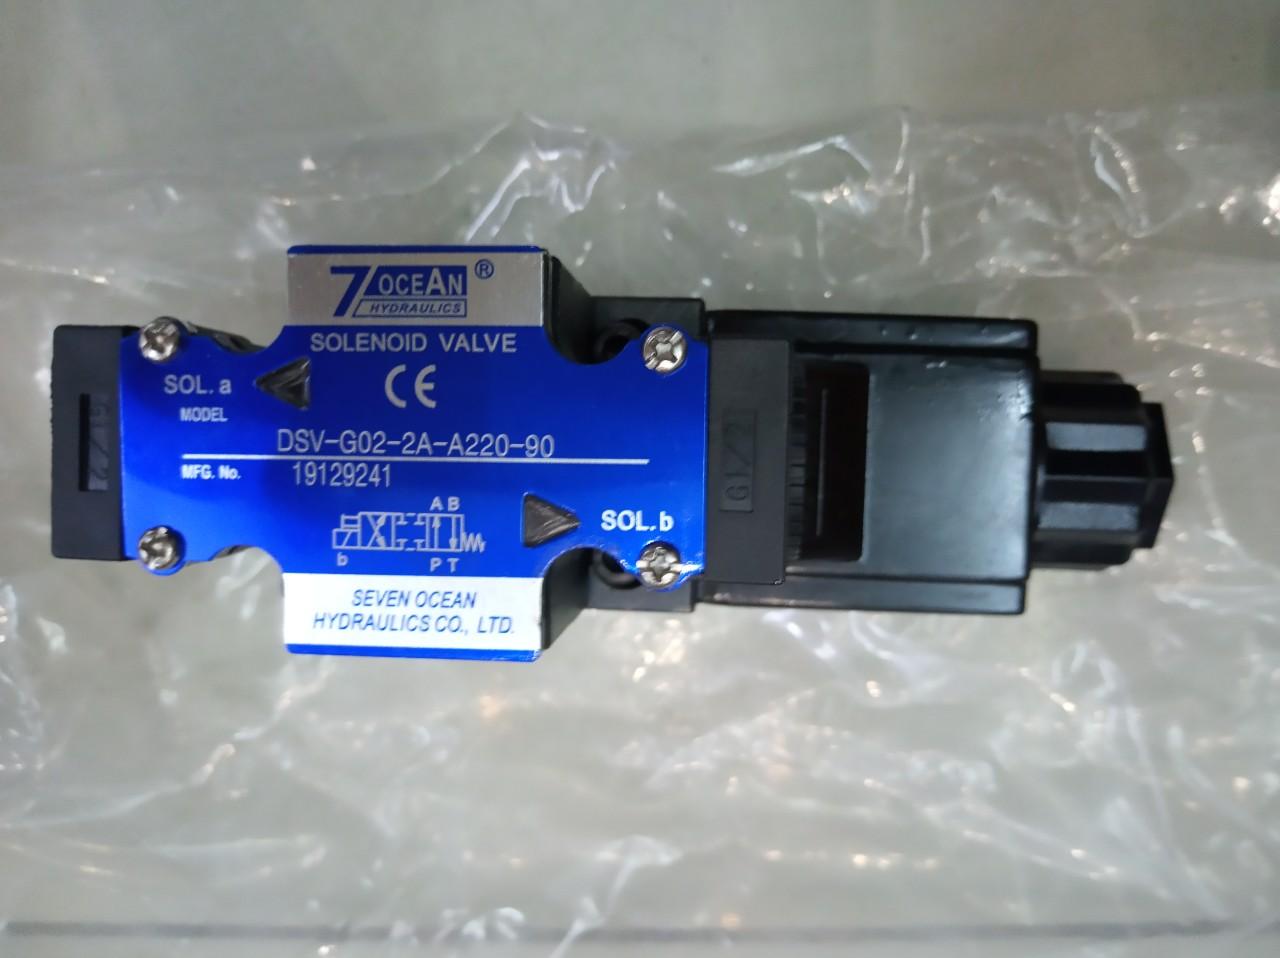 7OCEAN DSV-G02-2C-A220-90